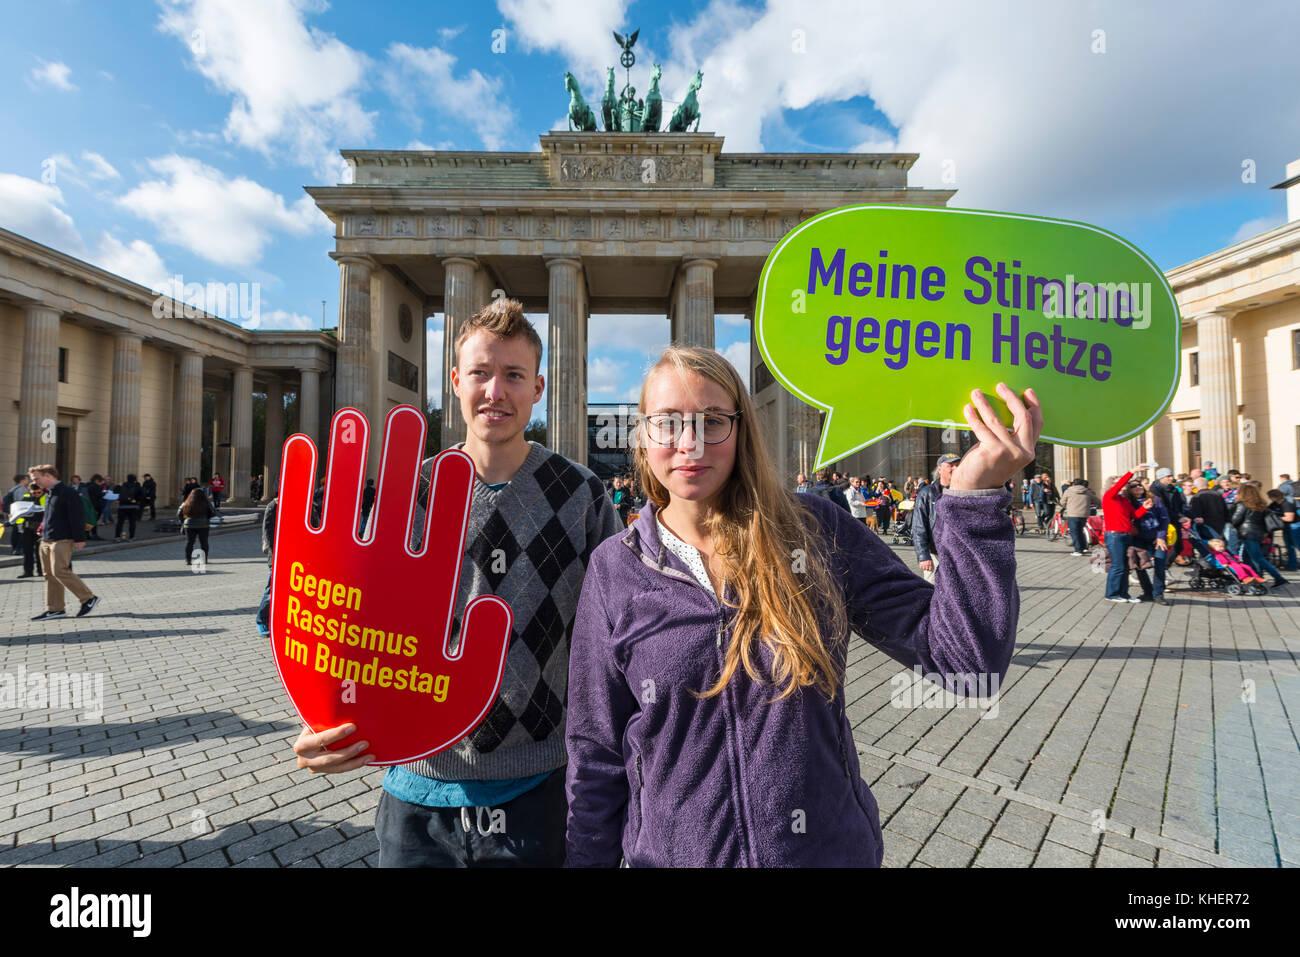 Deux étudiants avec blindage mon vote contre la haine, contre le racisme dans le Bundestag, anti-démo Photo Stock